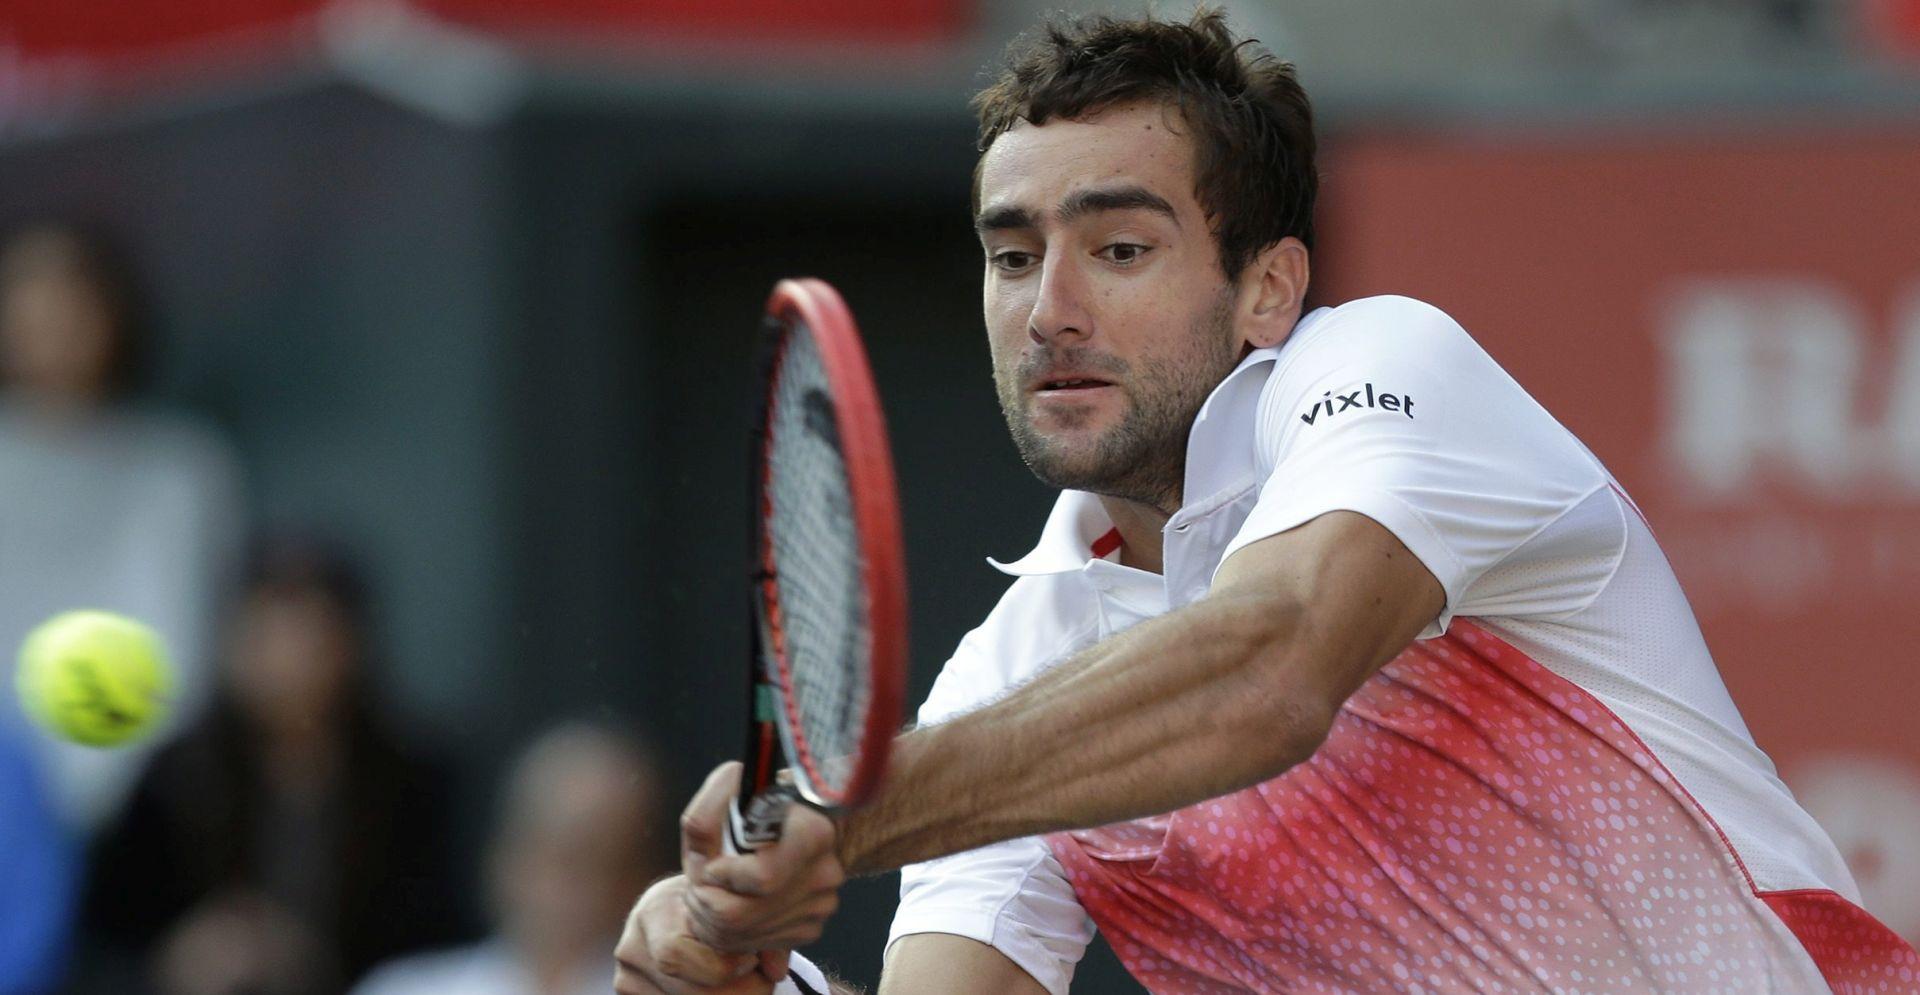 ATP MOSKVA Čilić nakon dva sata borbe s Istominom prošao u četvrtfinale